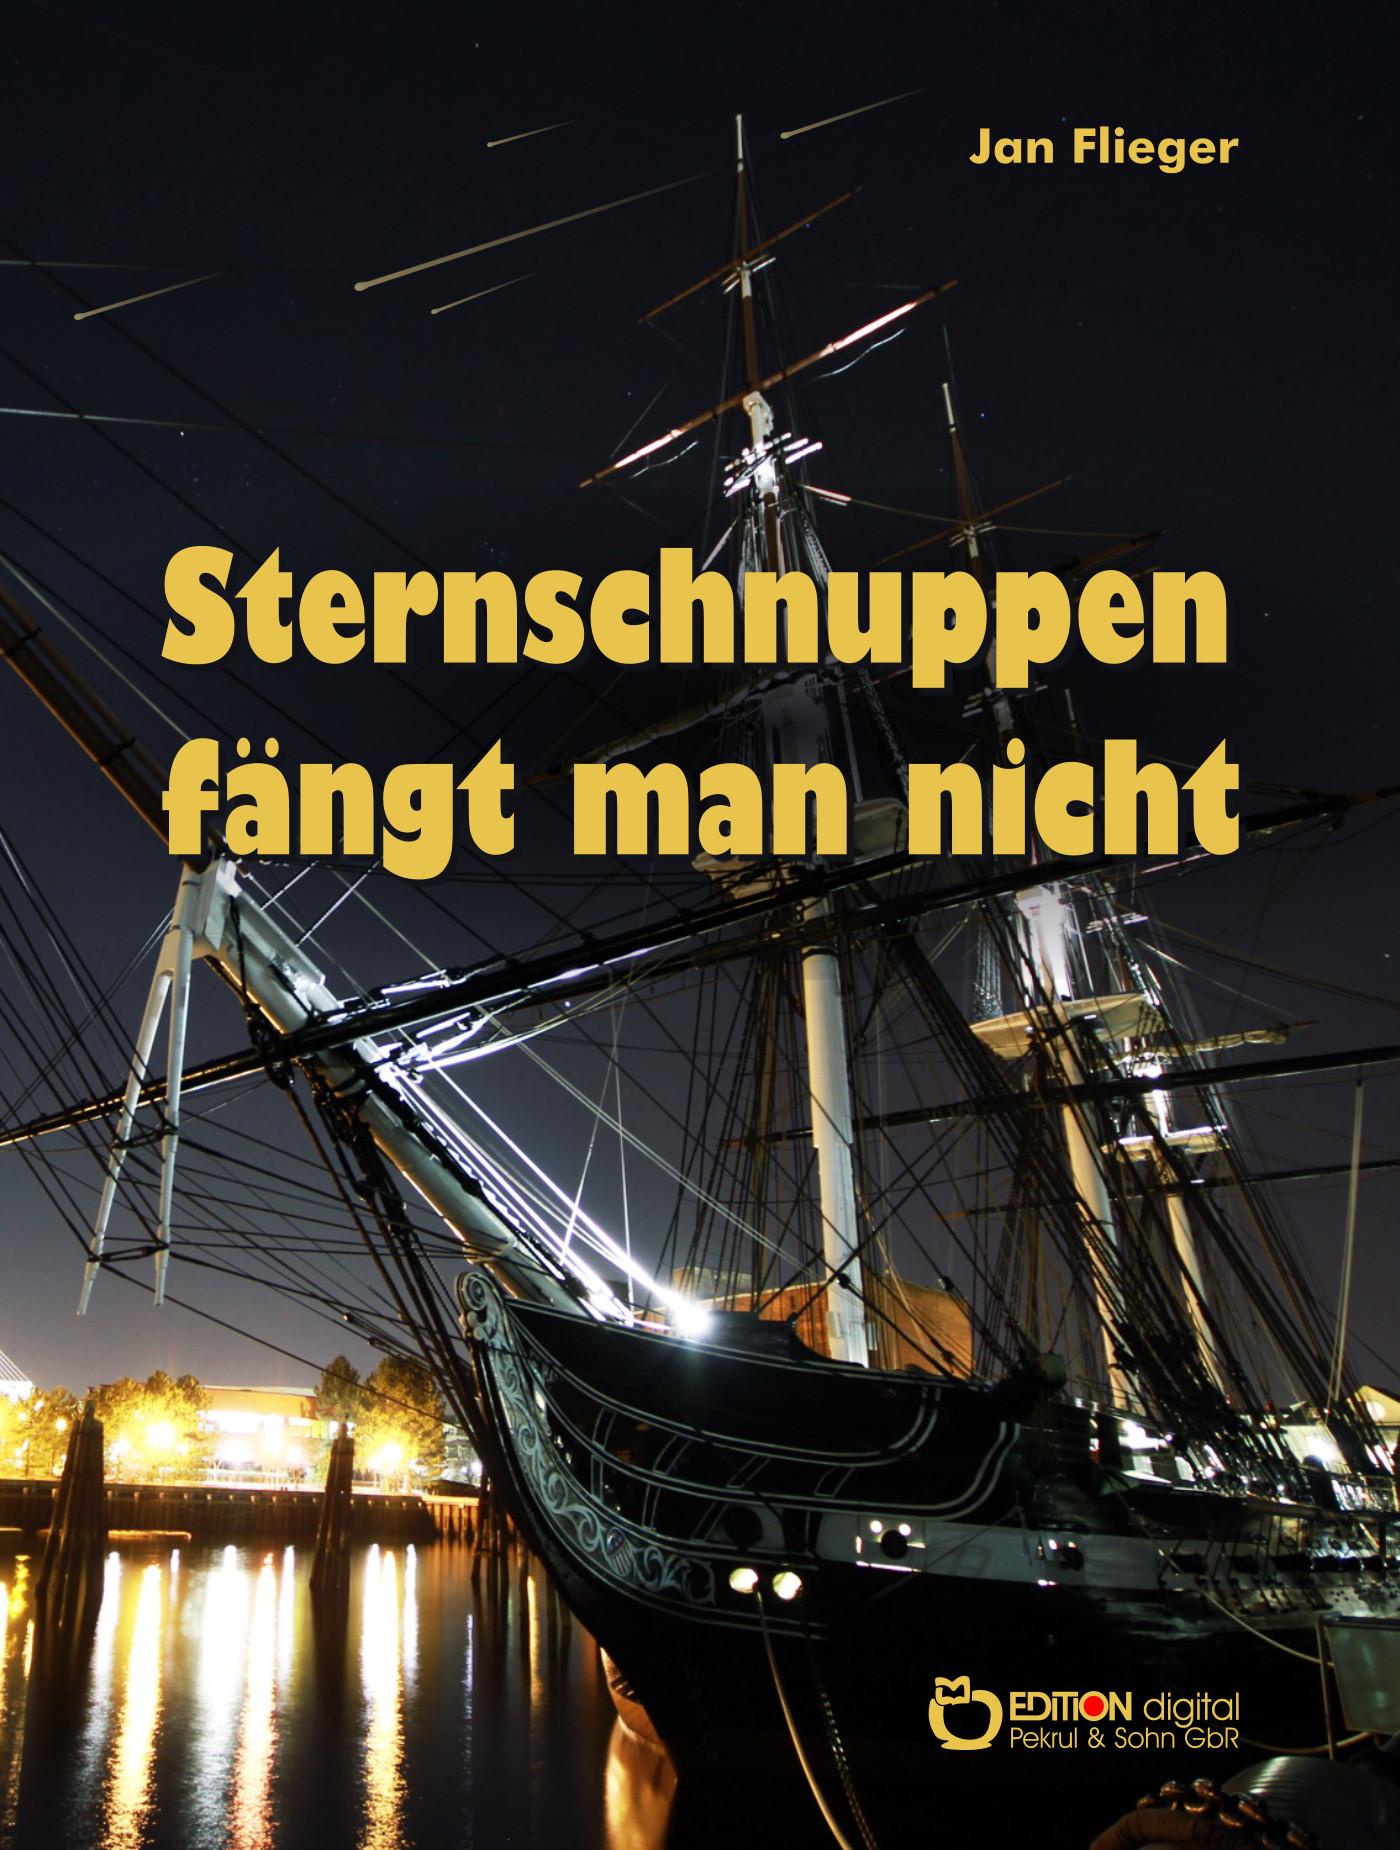 Sternschnuppen fängt man nicht von Jan Flieger